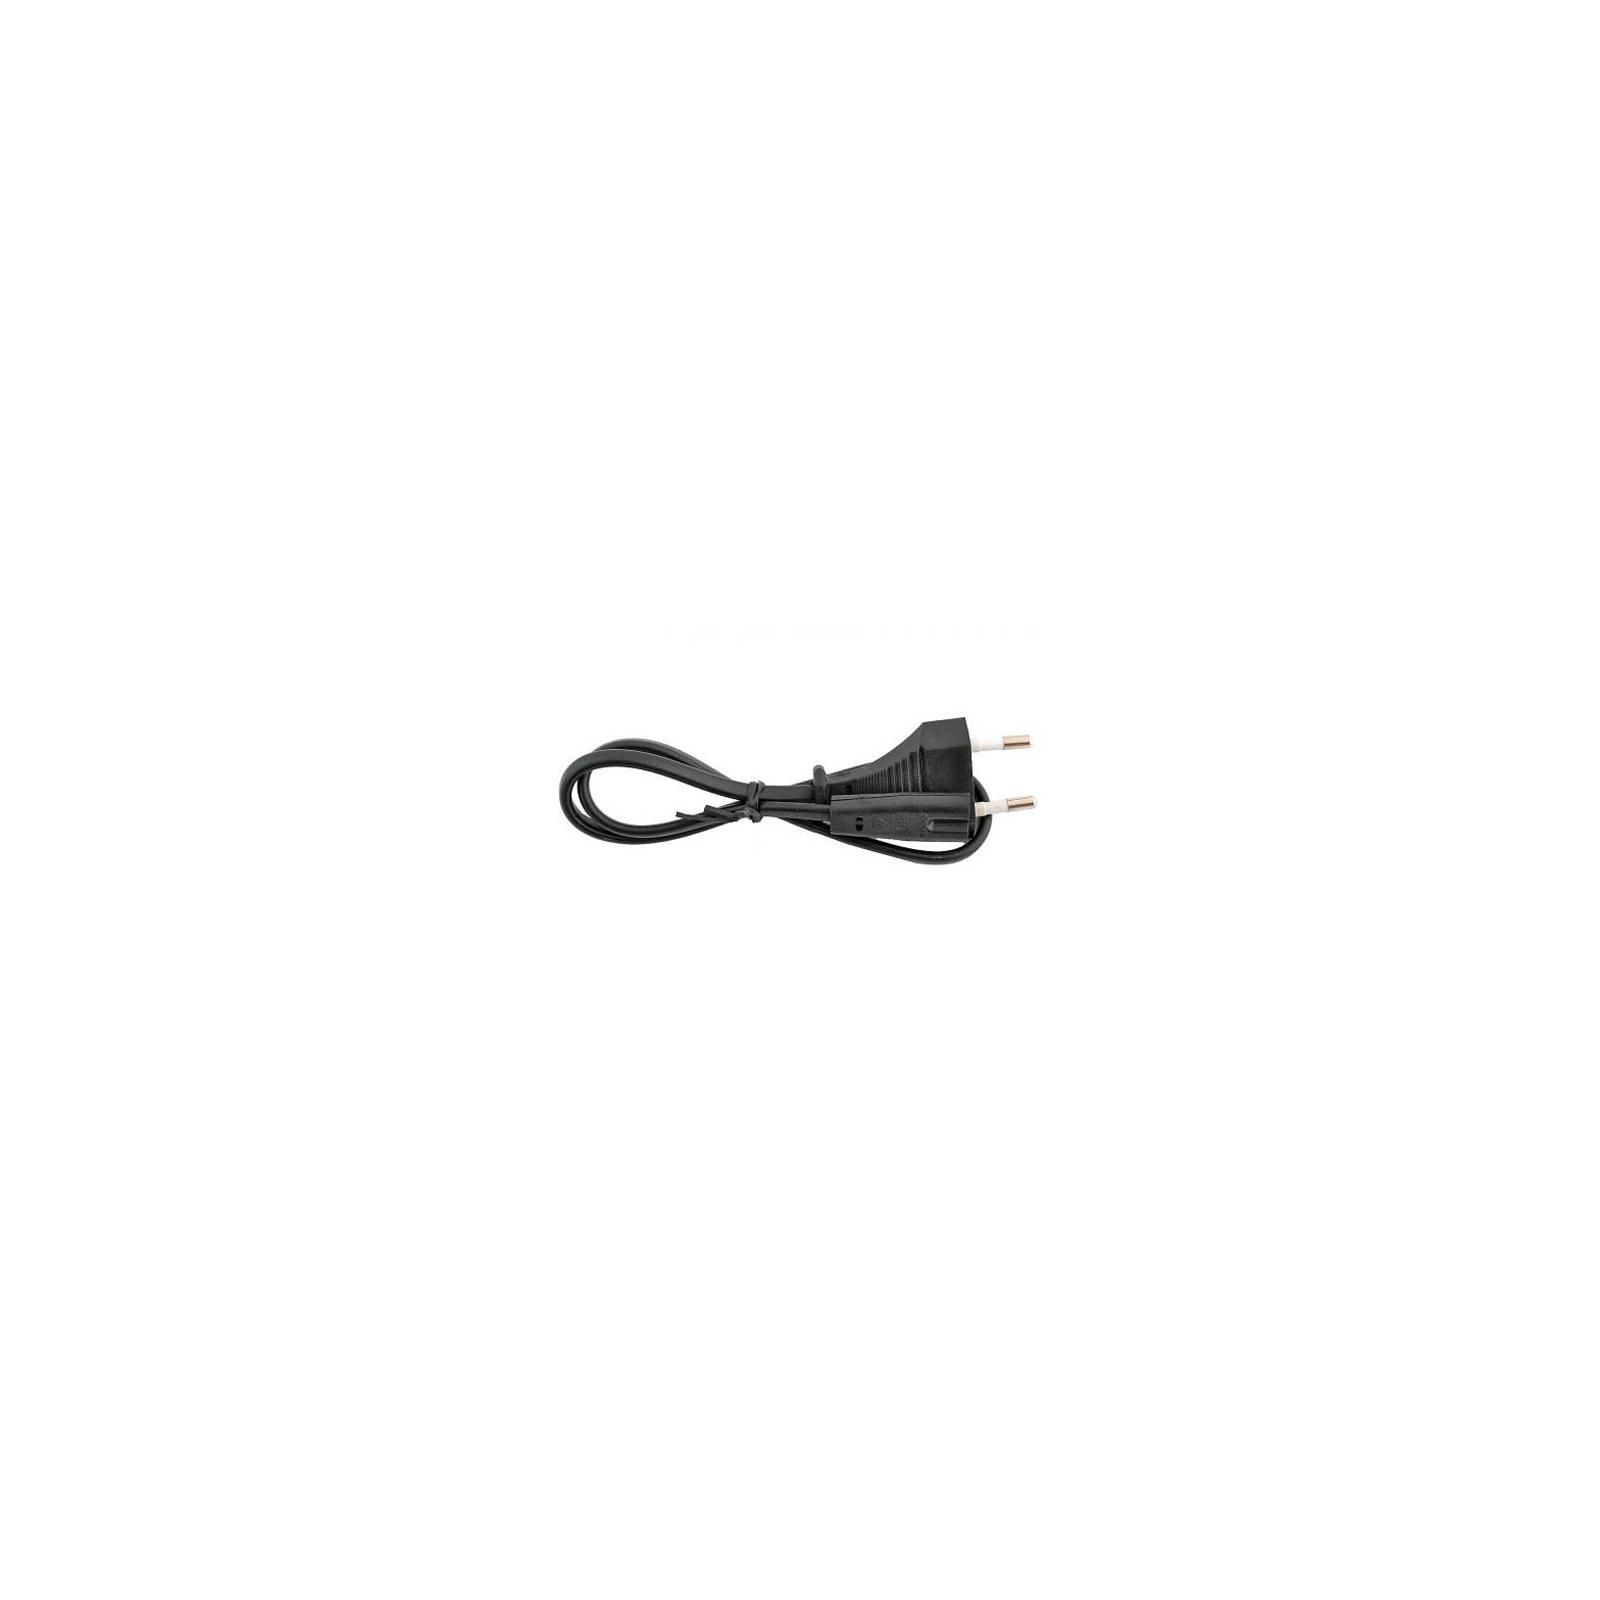 Кабель питания живлення аудіо-відео техніки Cablexpert (PC-184-VDE)